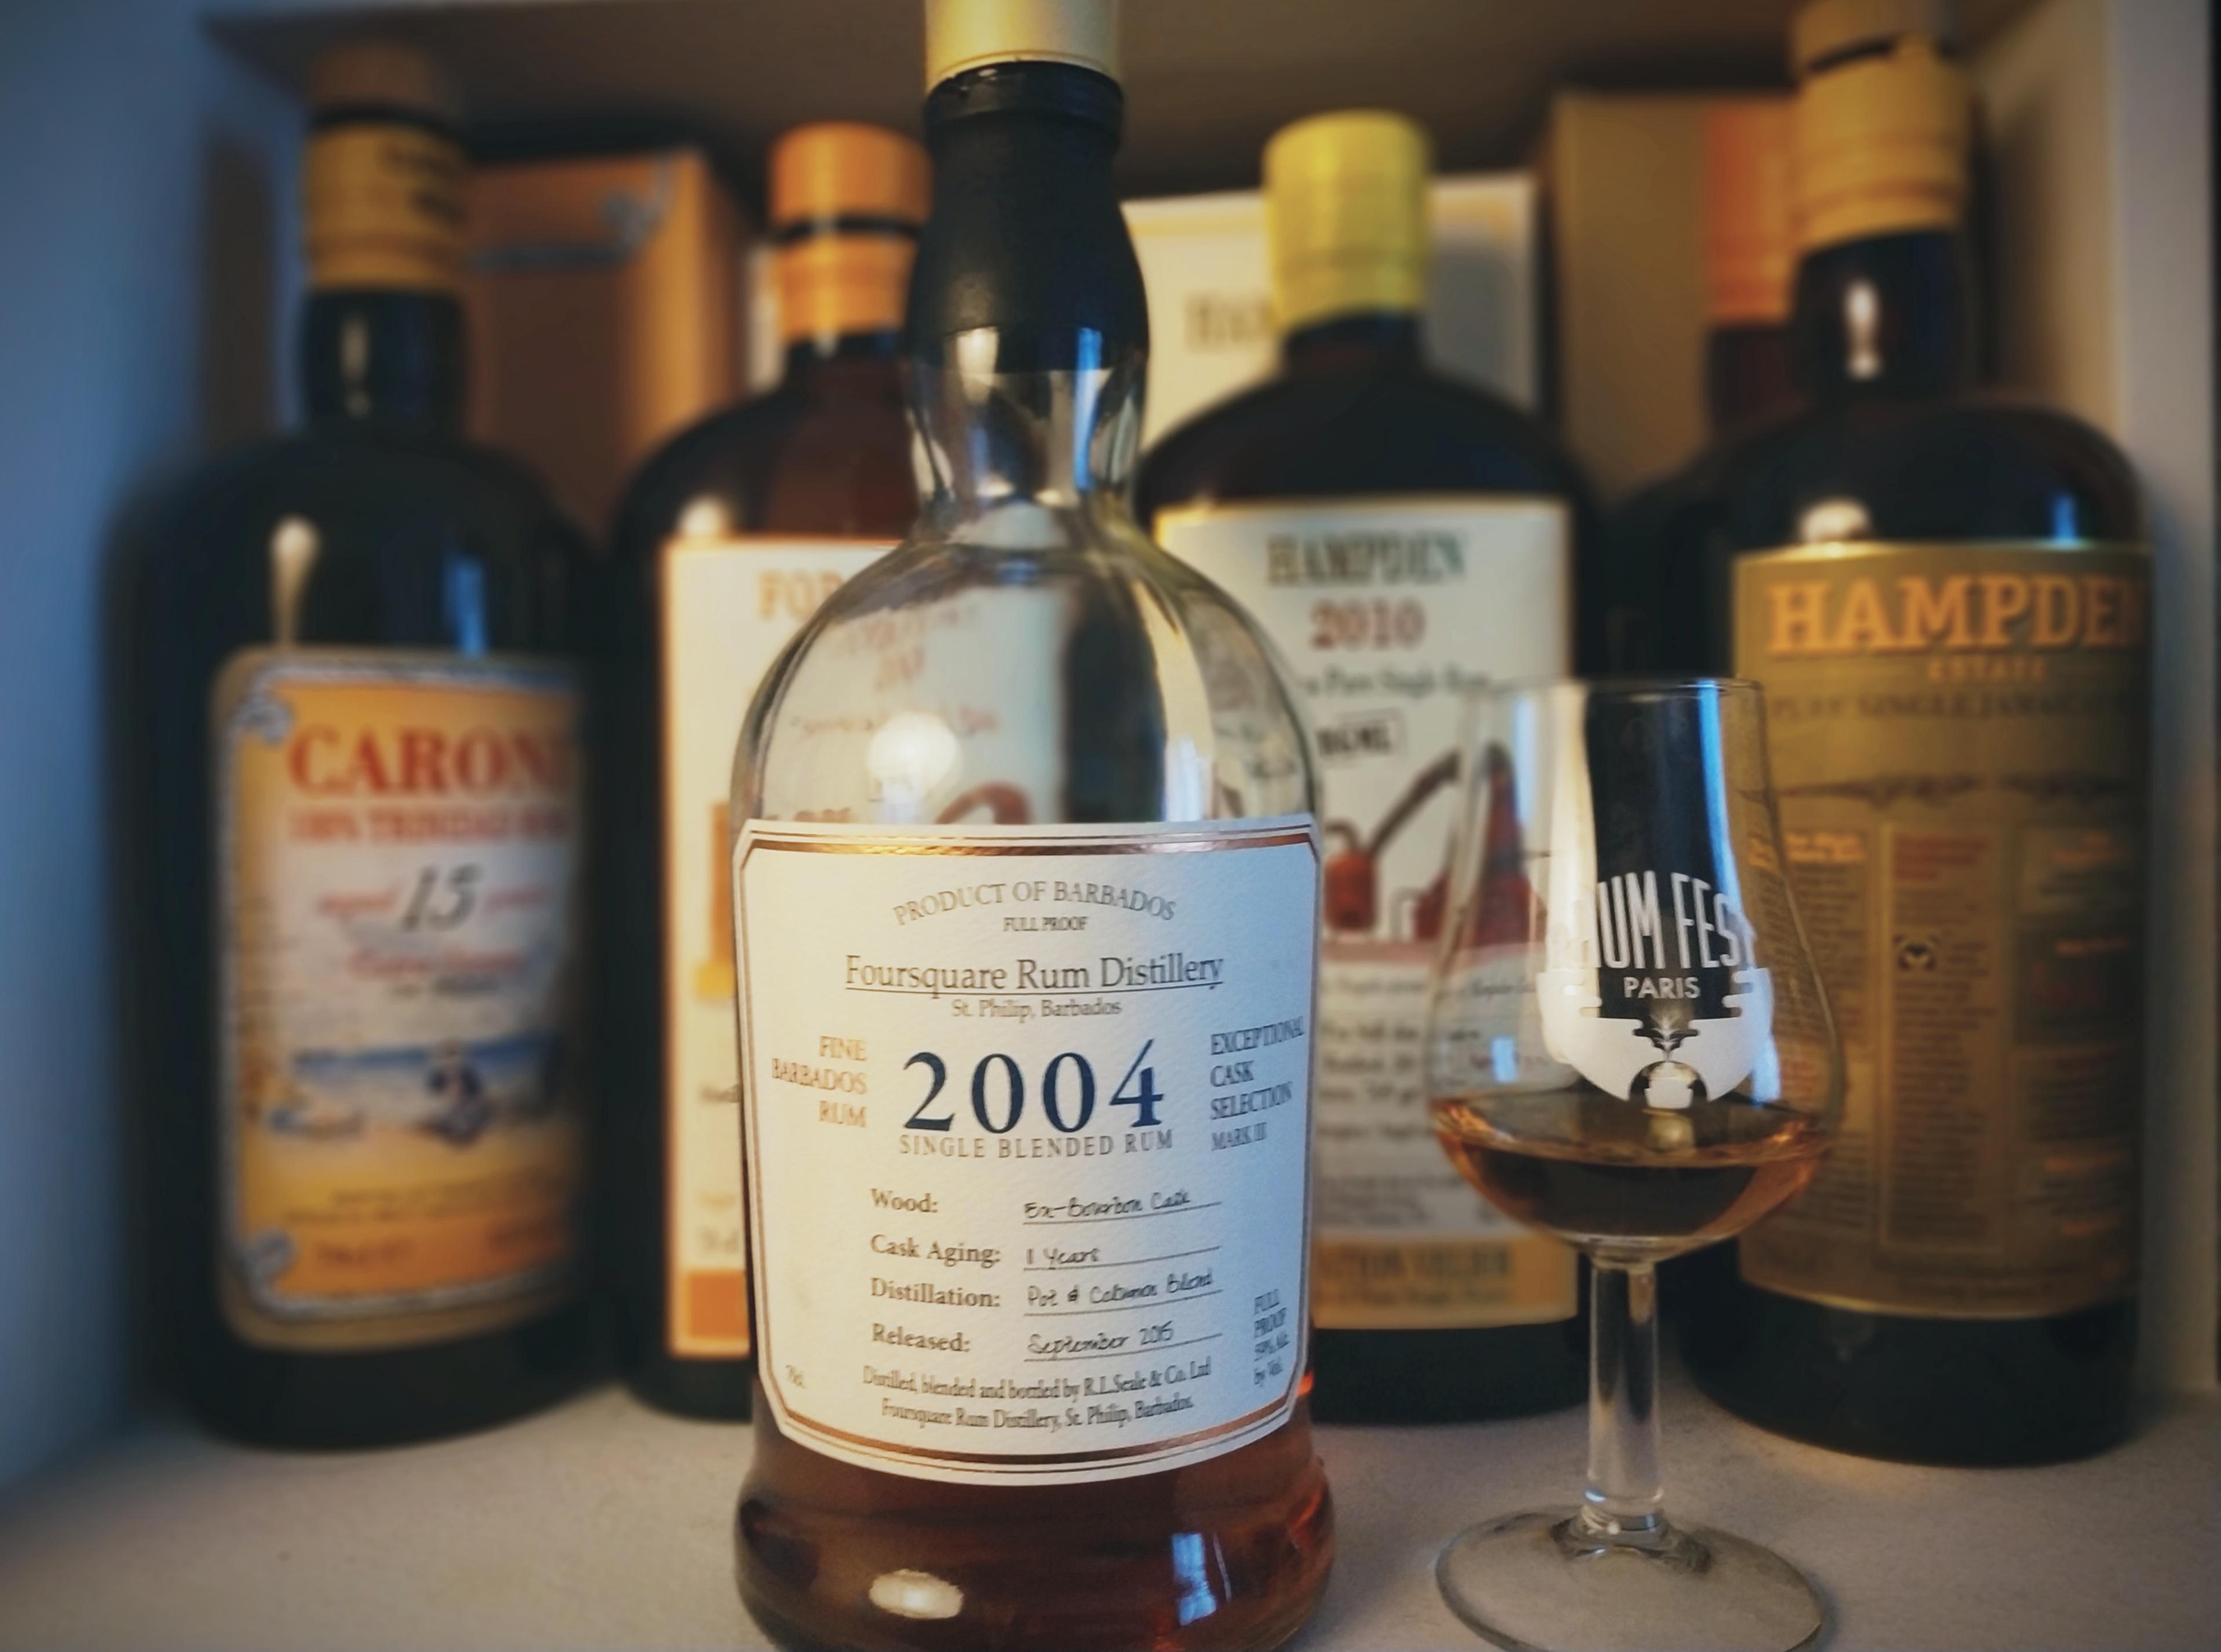 Foursquare 2004. Un grand classique d'une grande distillerie.